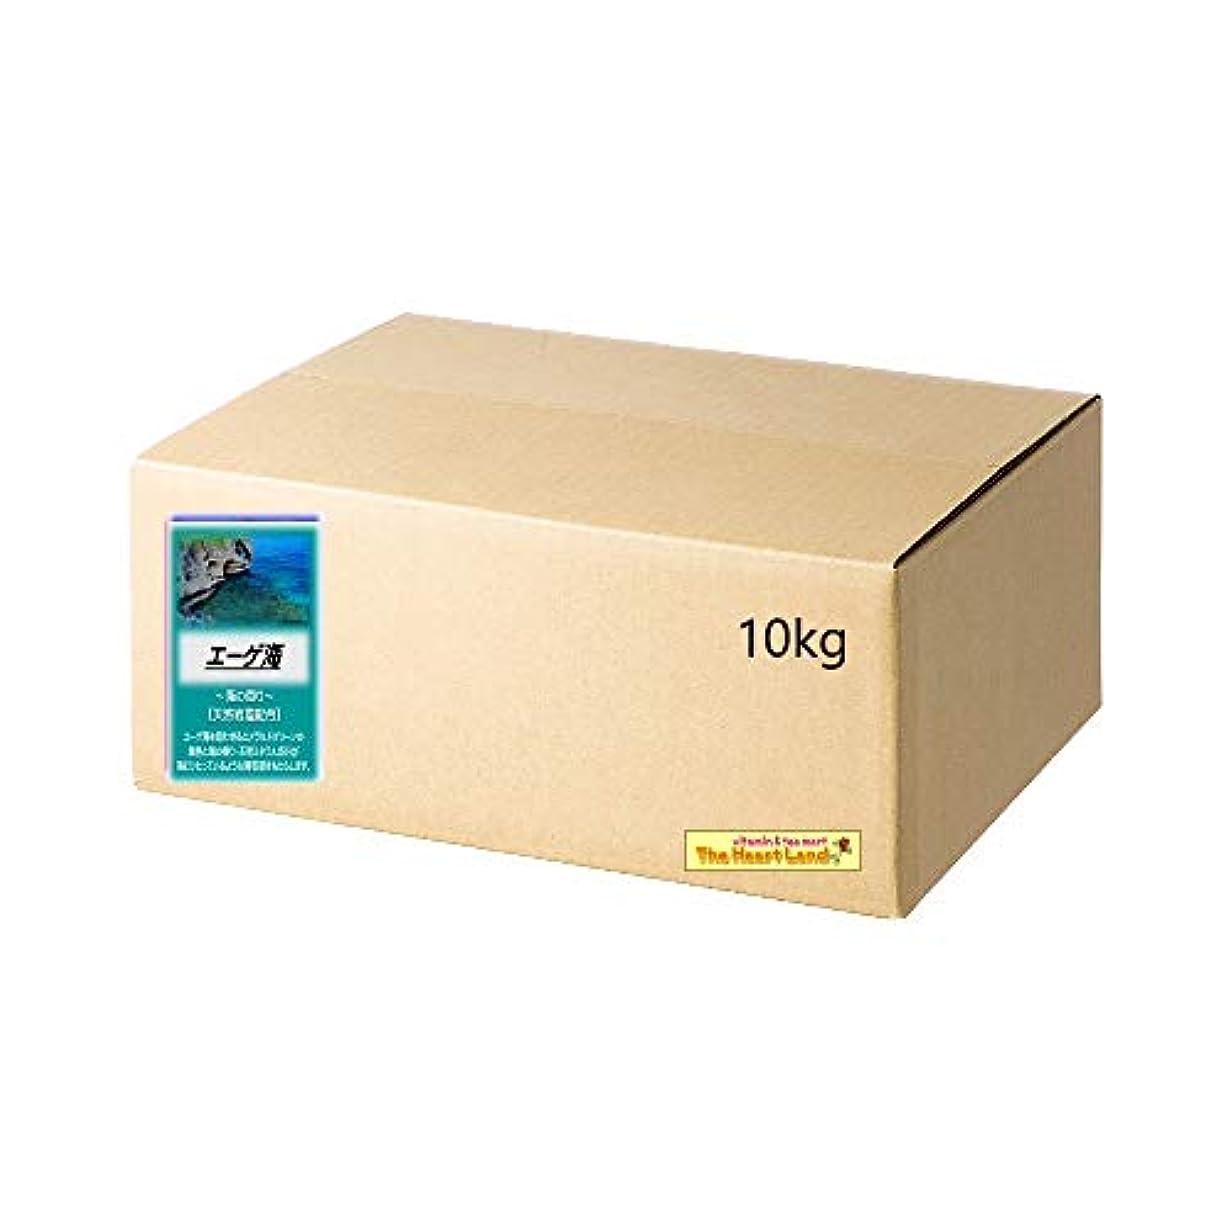 補助作業マイクアサヒ入浴剤 浴用入浴化粧品 エーゲ海 10kg